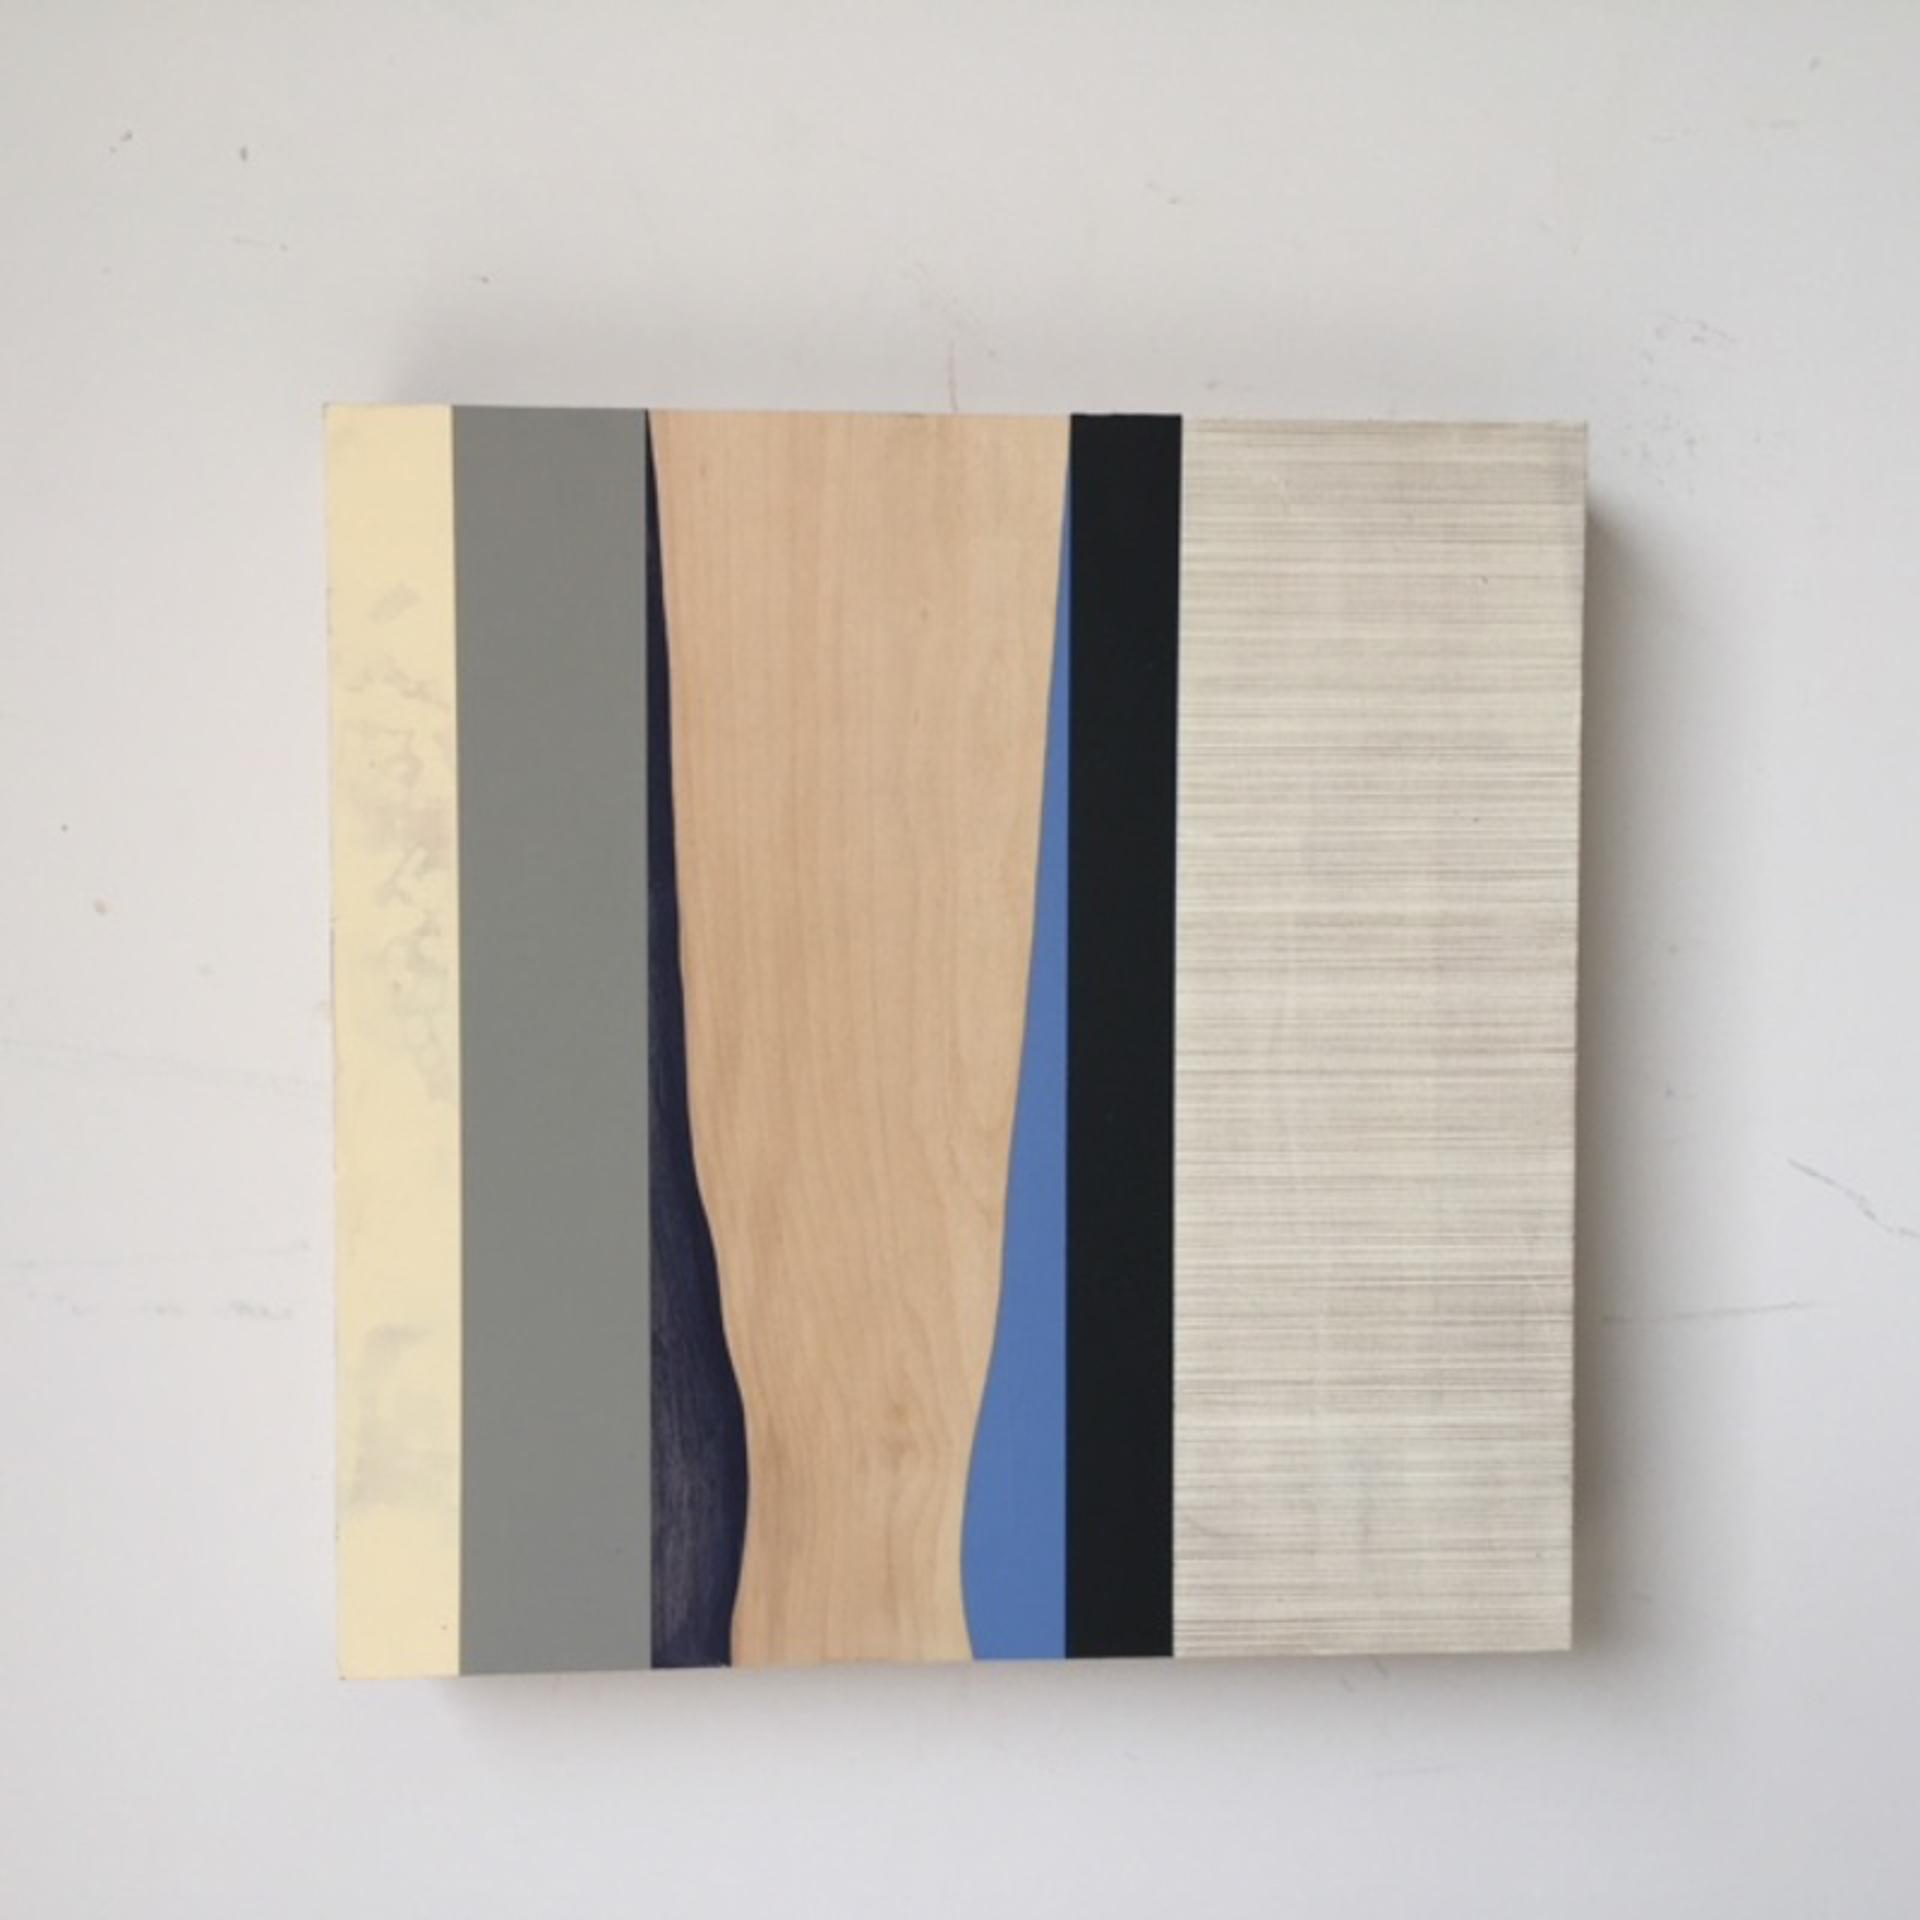 Slipstream by Tim Hahn